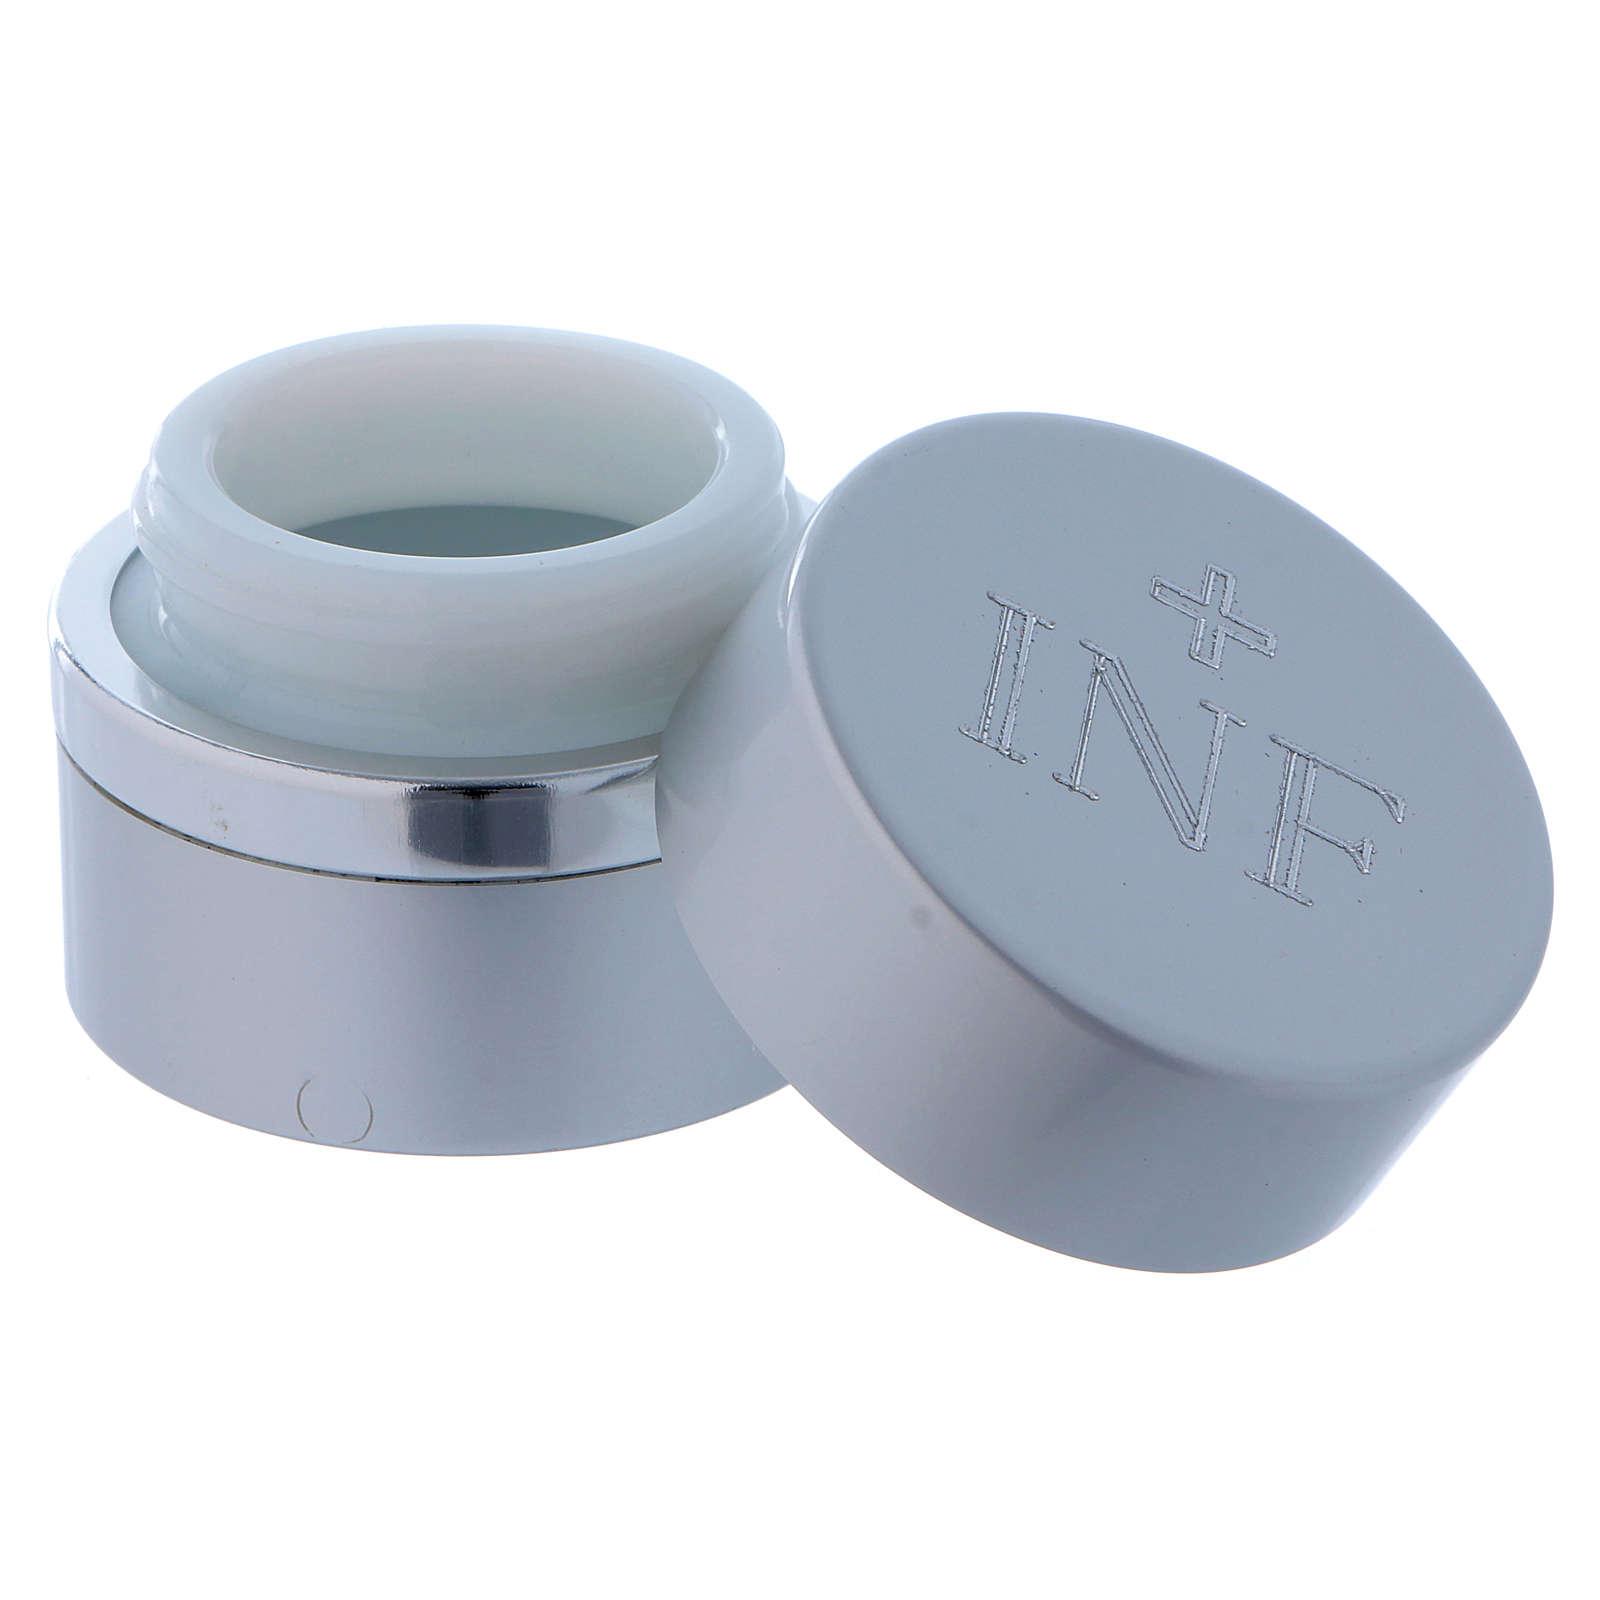 Vasetto per oli Santi tondo alluminio color argento diametro 4,3 cm 3